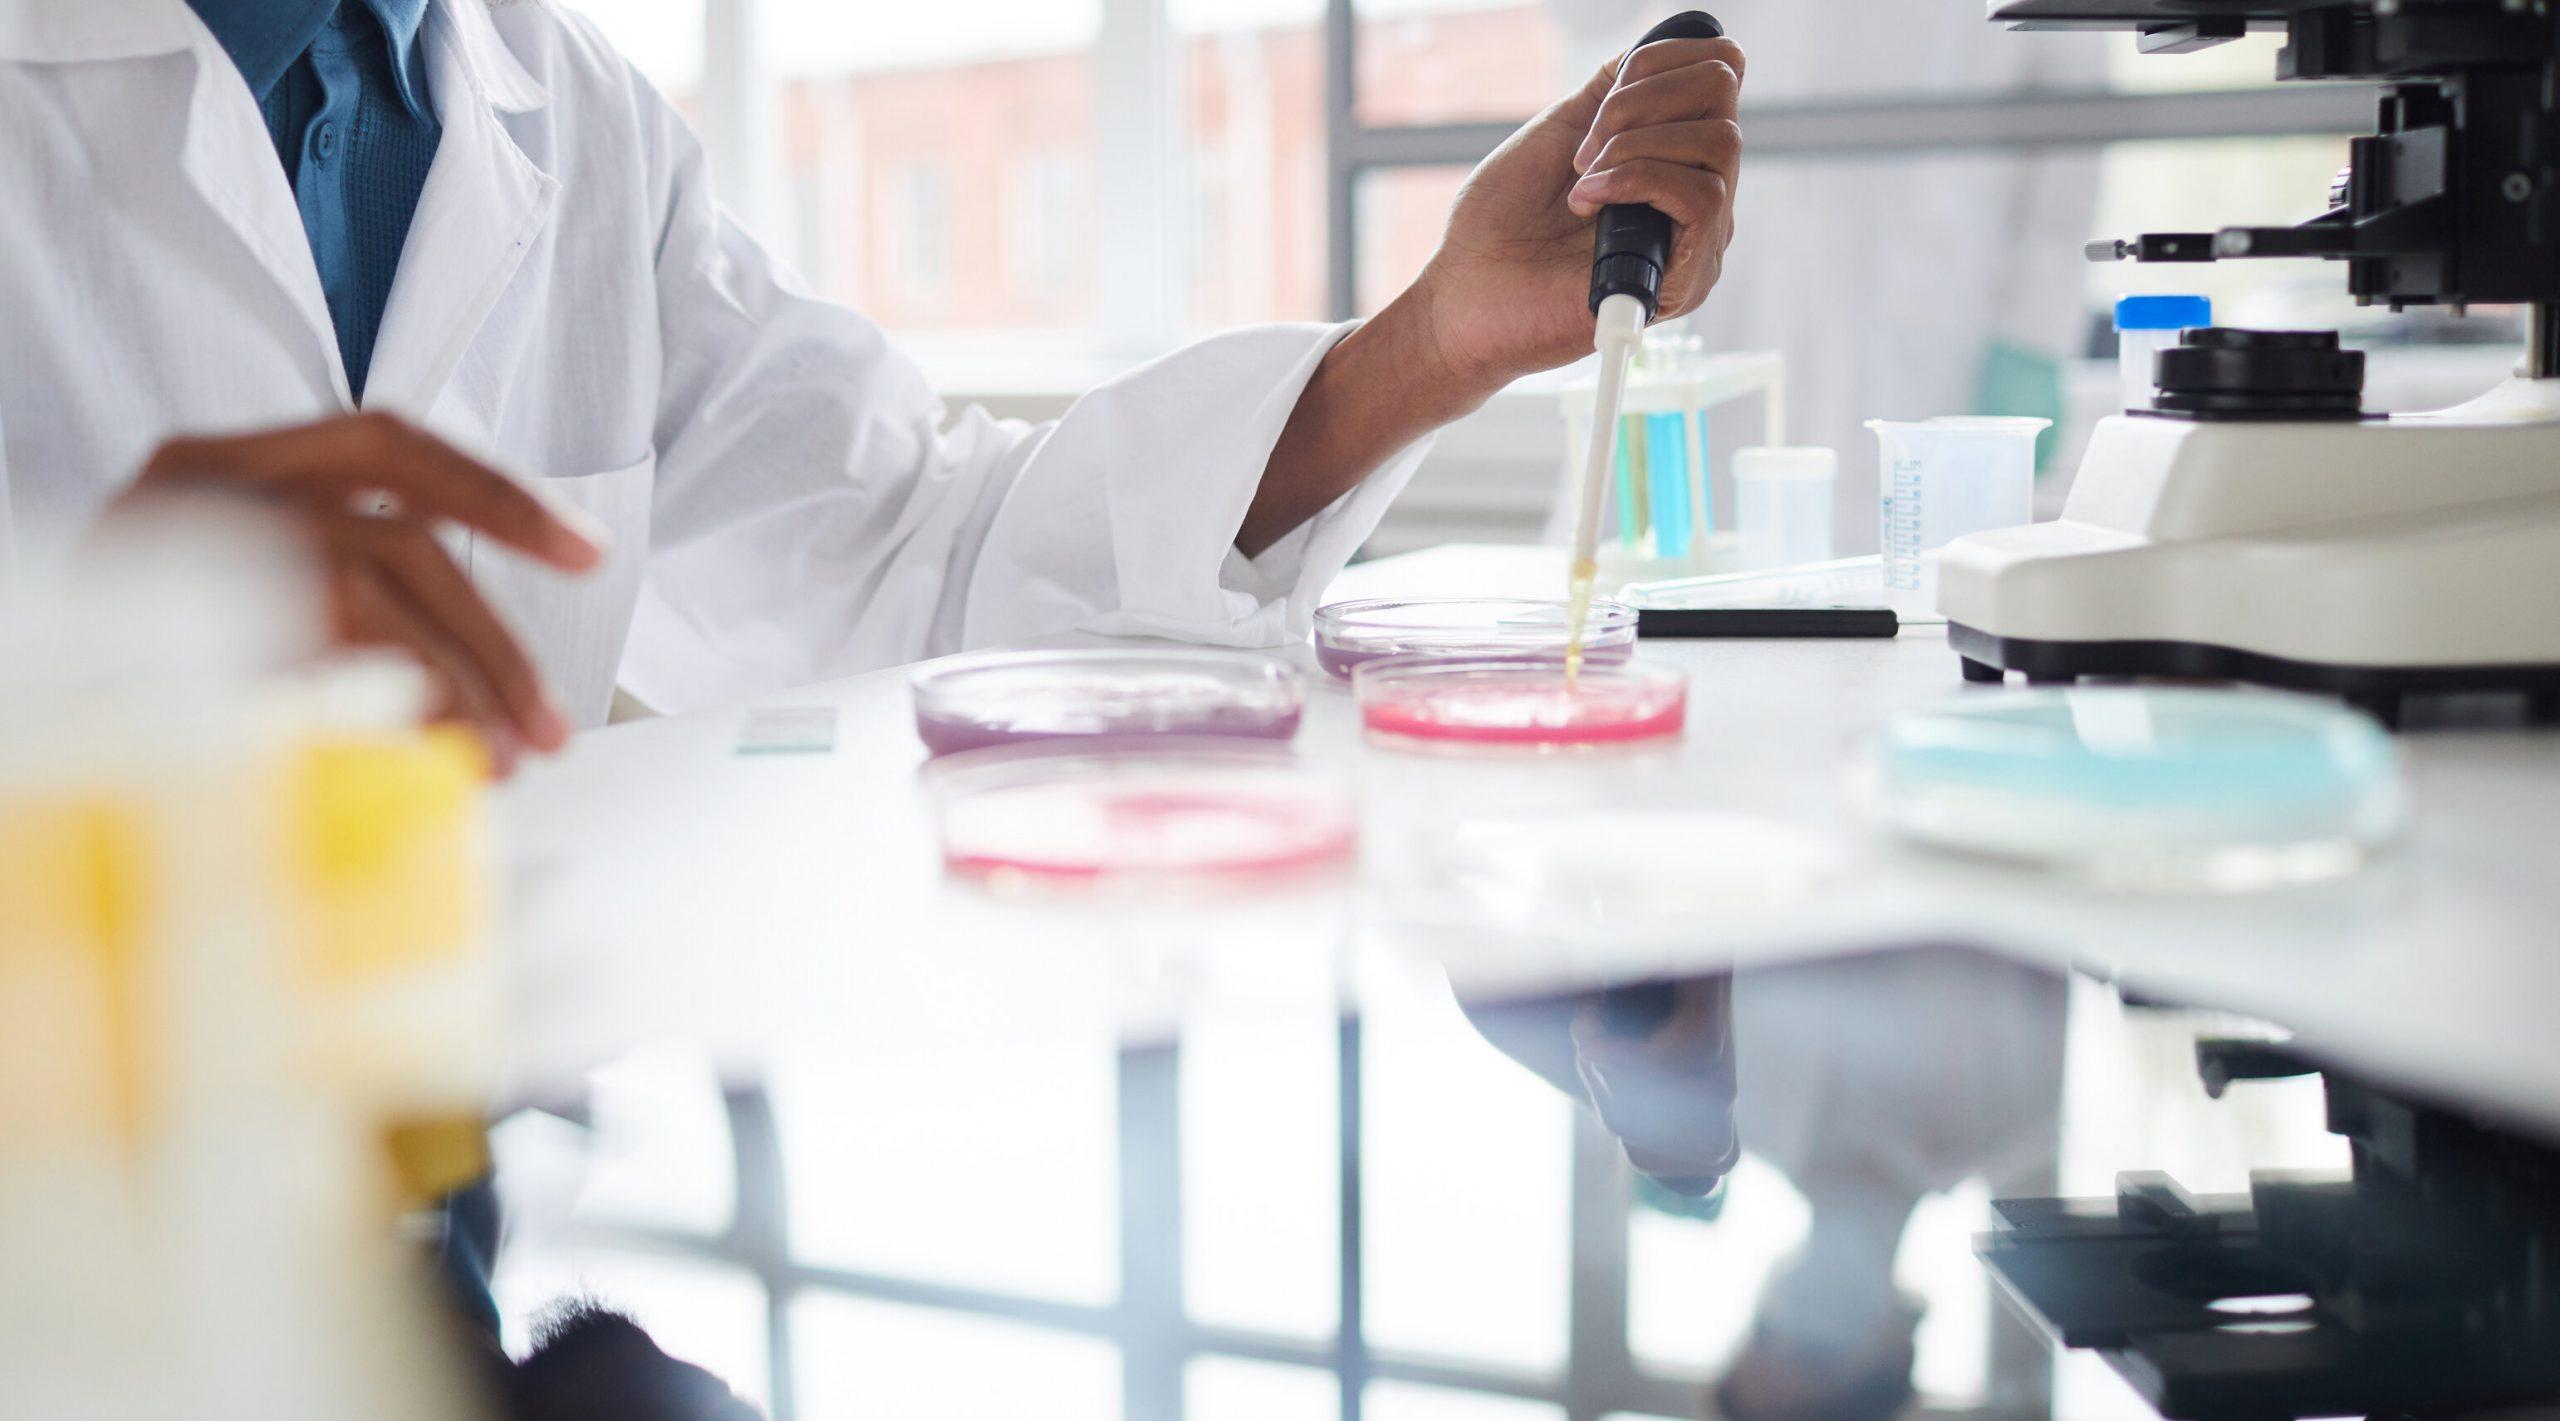 Studiu The Lancet  Ivermectina ameliorează simptomele și reduce încărcătura virală, dacă este administrată imediat după debutul Covid-19